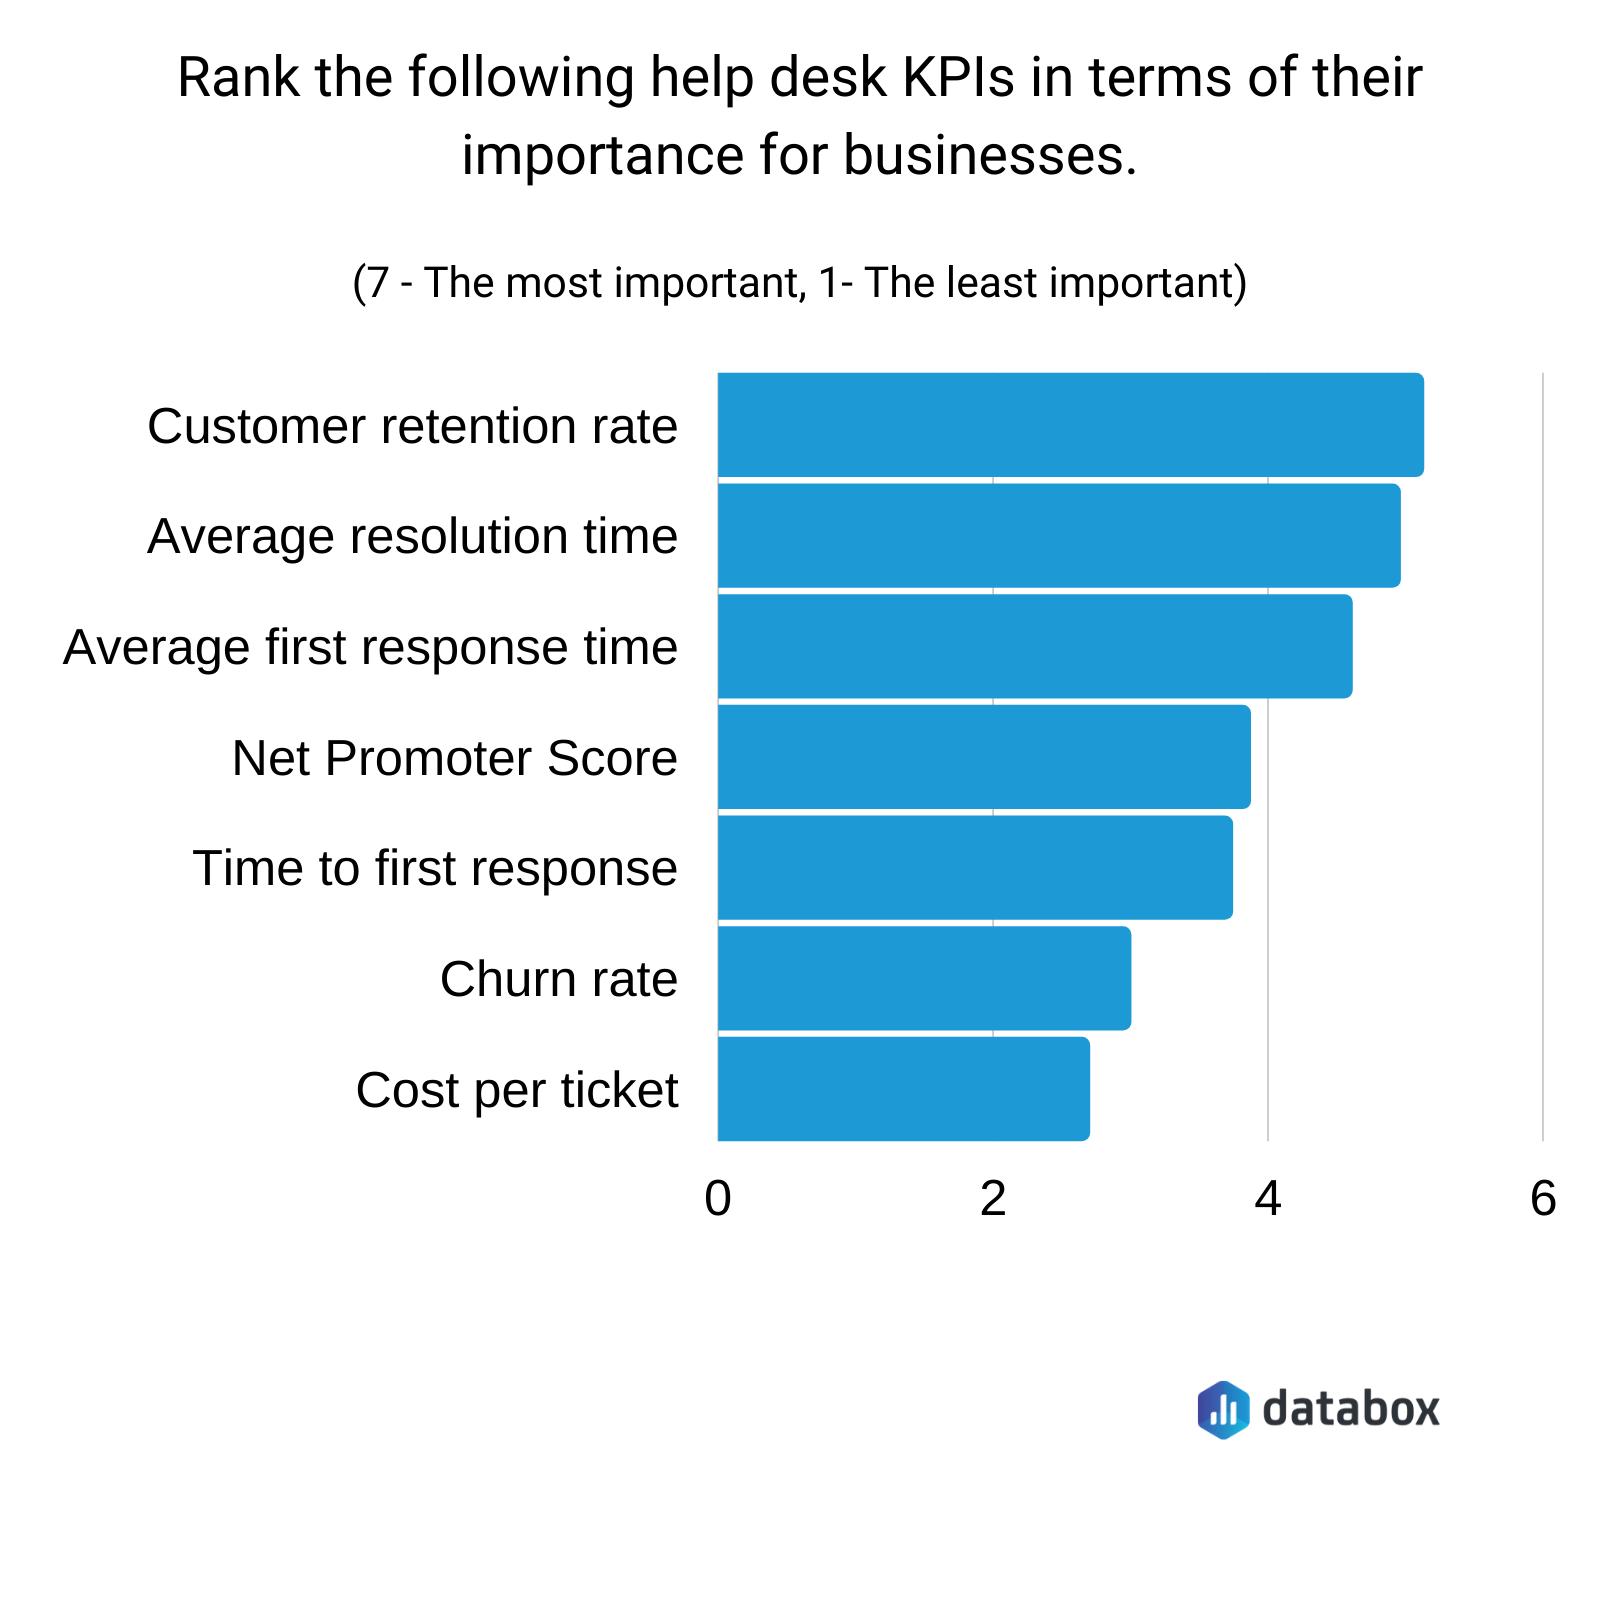 most important help desk kpis